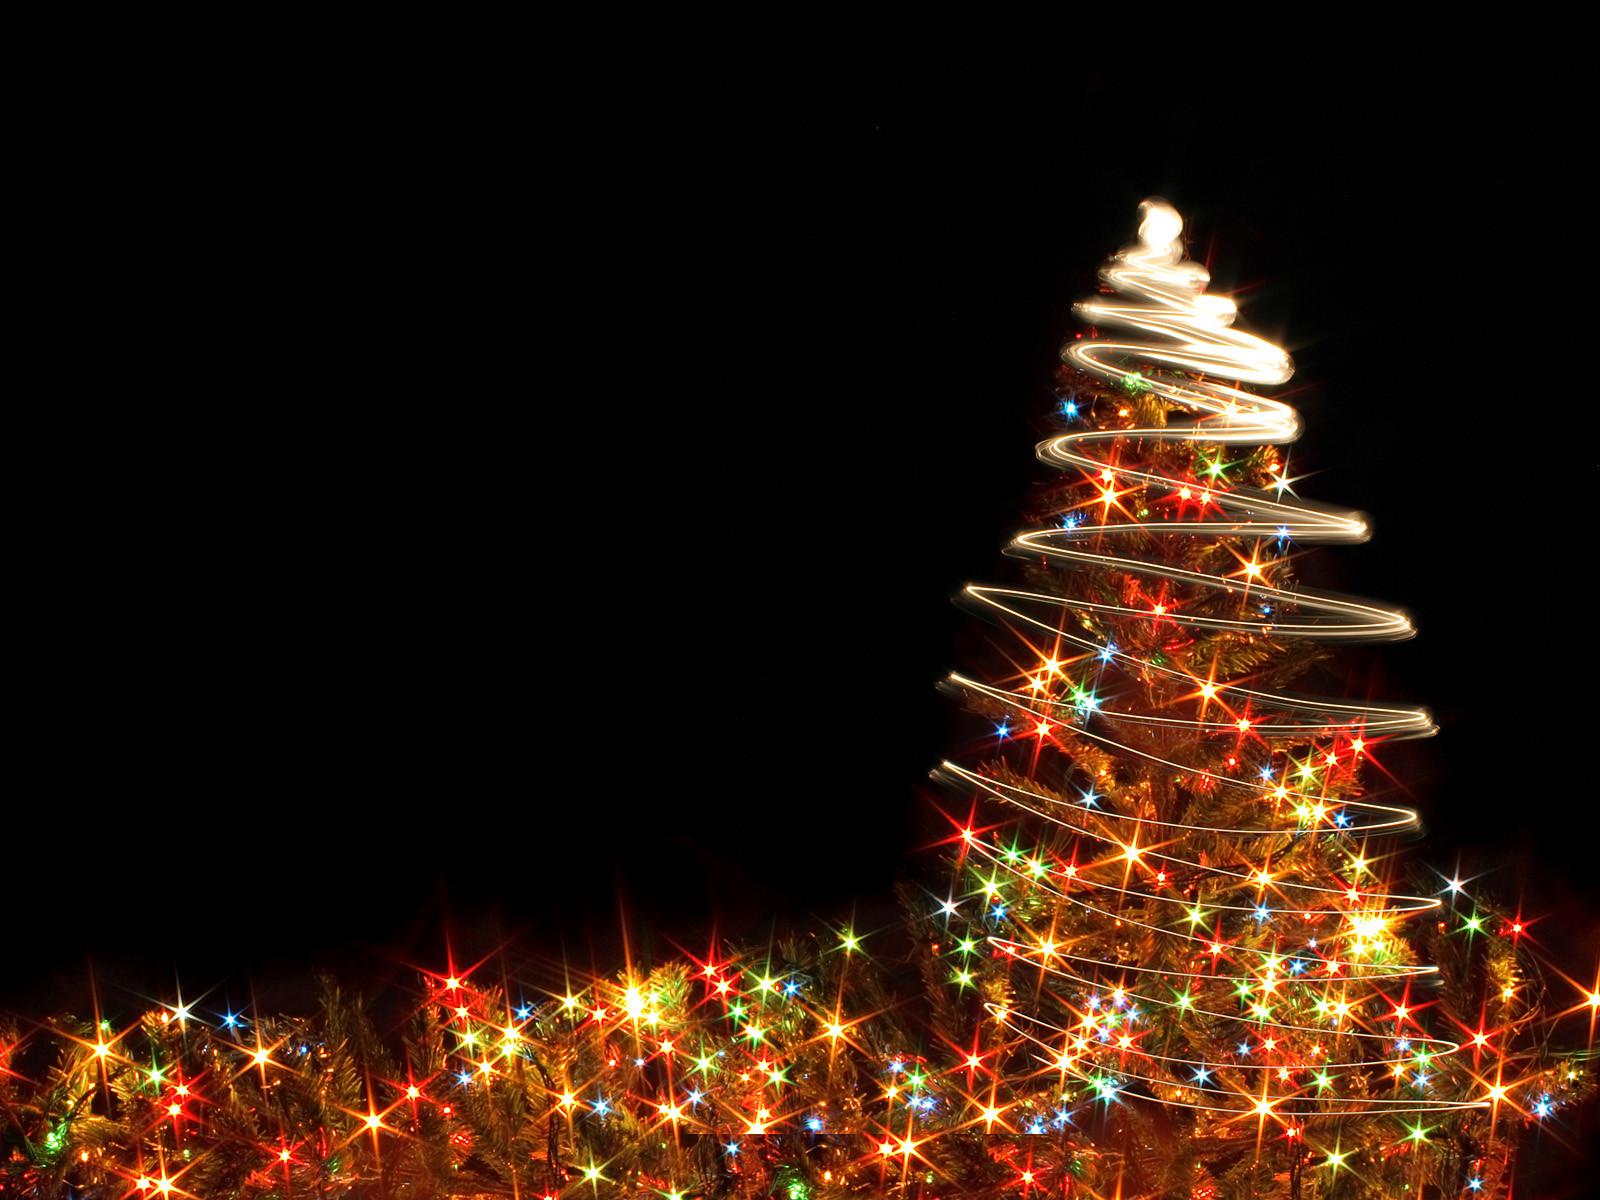 Fondos Navidad Hd Fondos De Pantalla